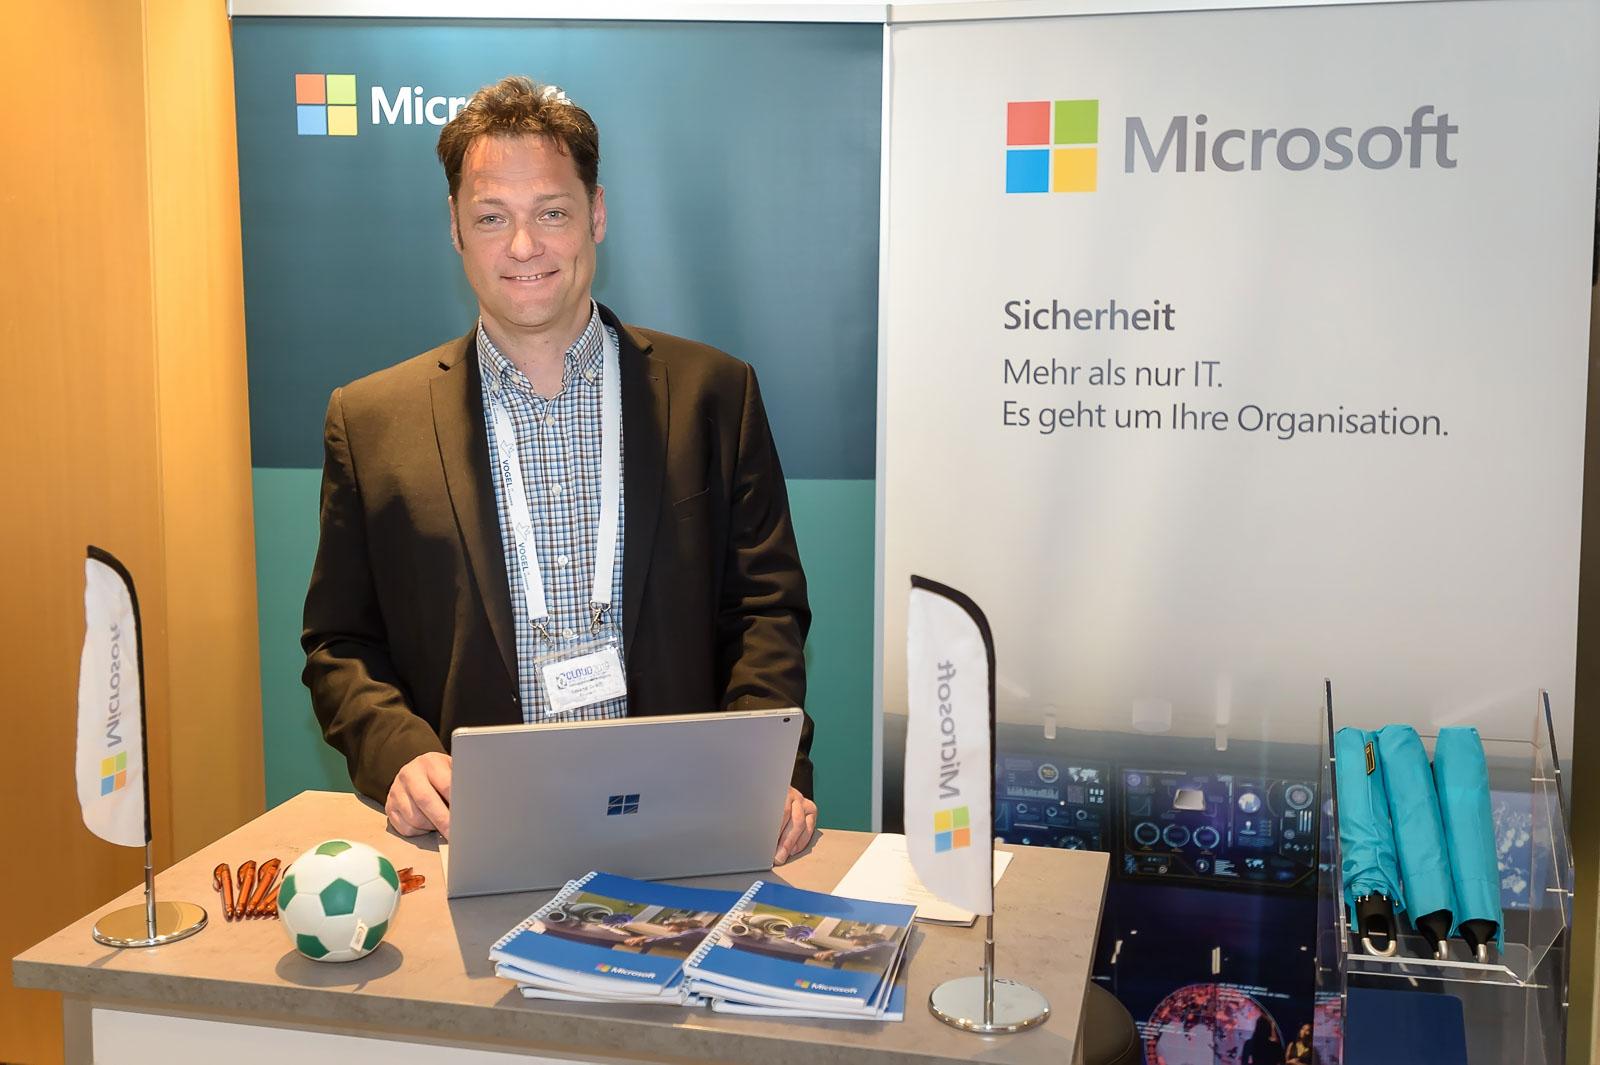 Roland Gradl, C + E BG Lead Austria (Microsoft), legte in seinem Vortrag den Einfluss von AI und BigData auf Security/Privacy dar und freute sich im Anschluß auf die Gespräche am Stand.